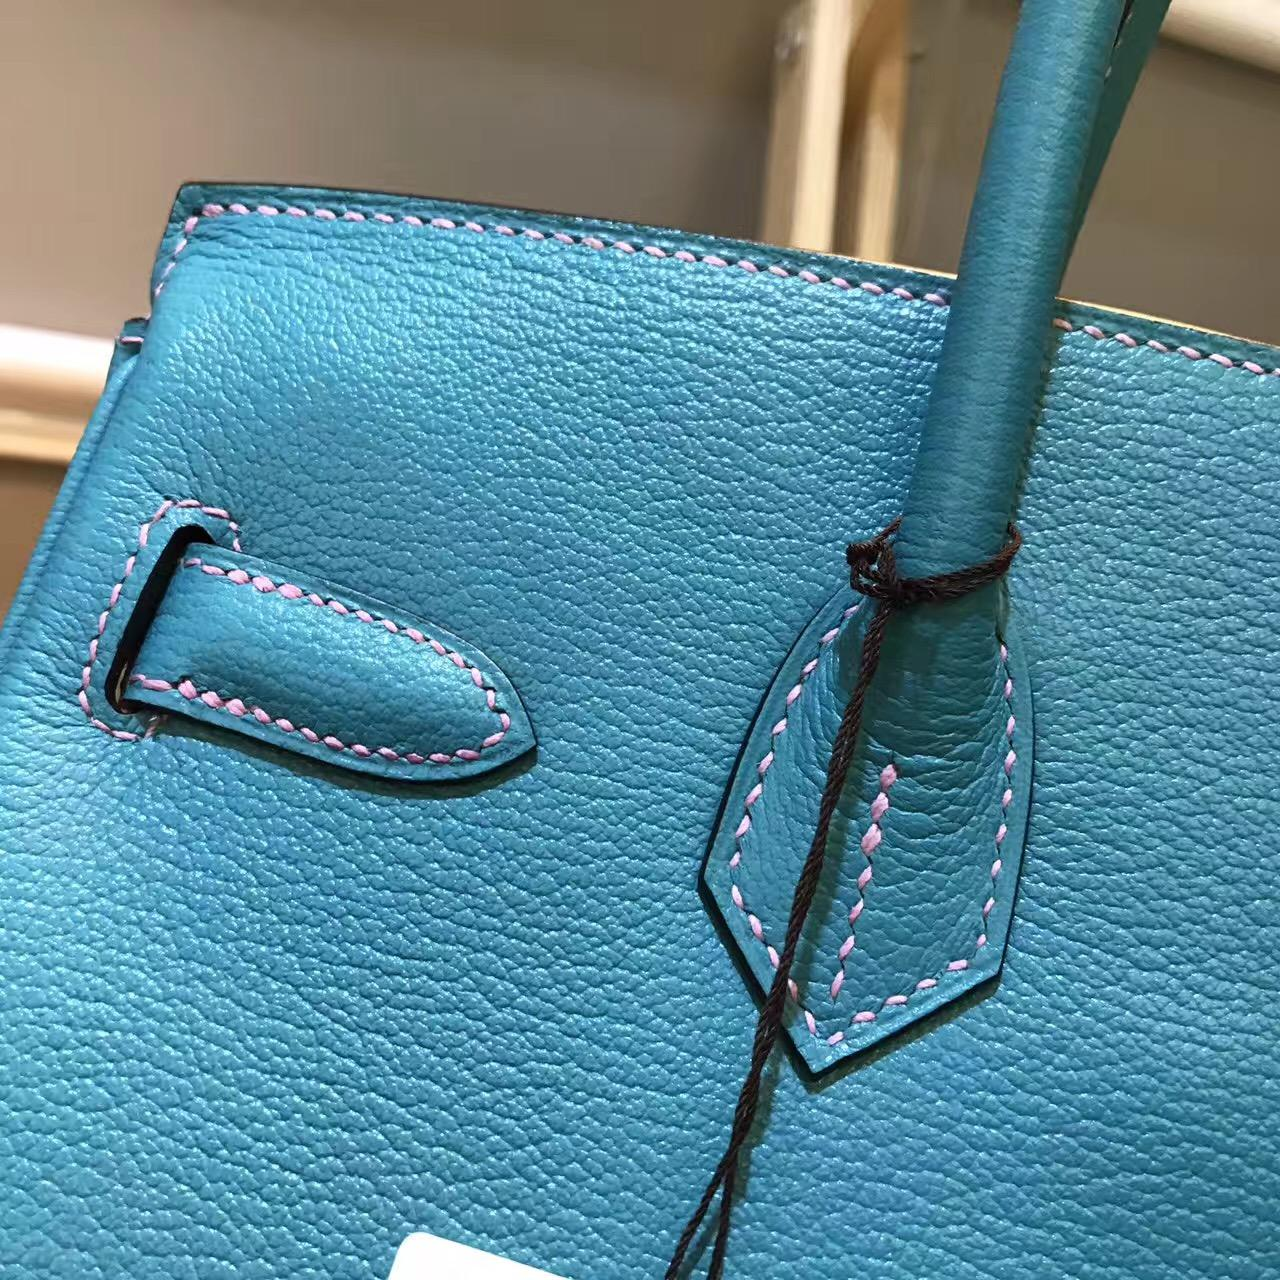 愛馬仕鉑金包 Hermes birkin Bag 30cm 超美的藍綠混合色 金扣金屬